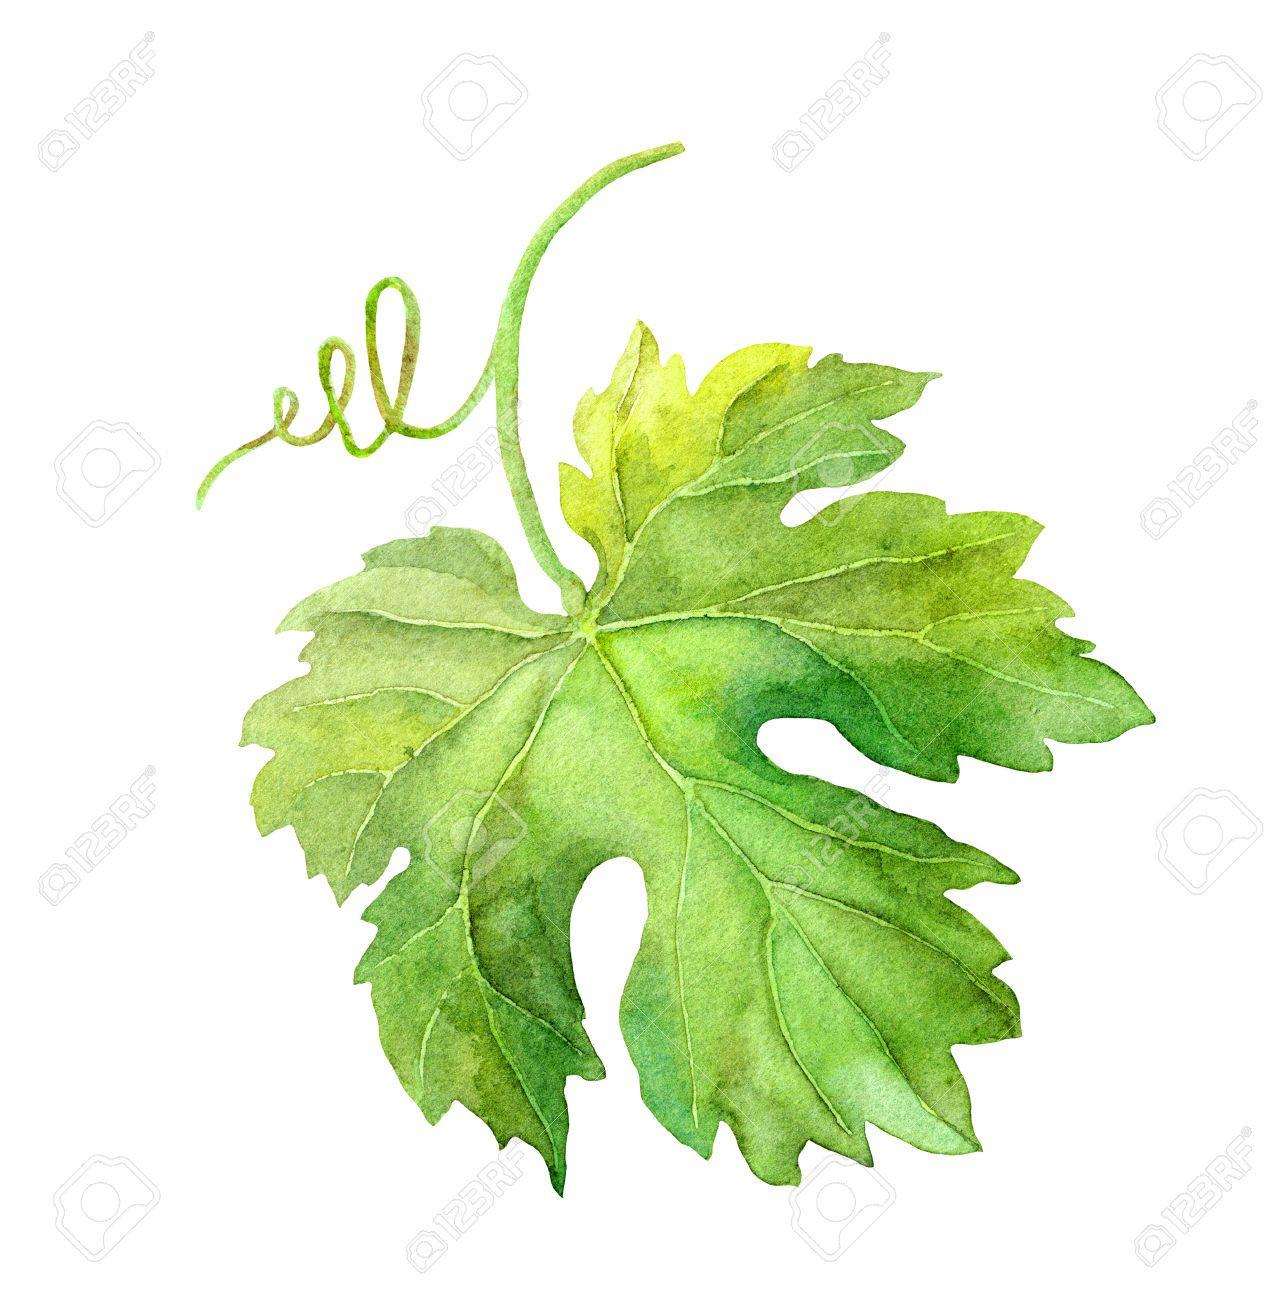 La feuille de vigne dessin francais - Feuille de vigne dessin ...